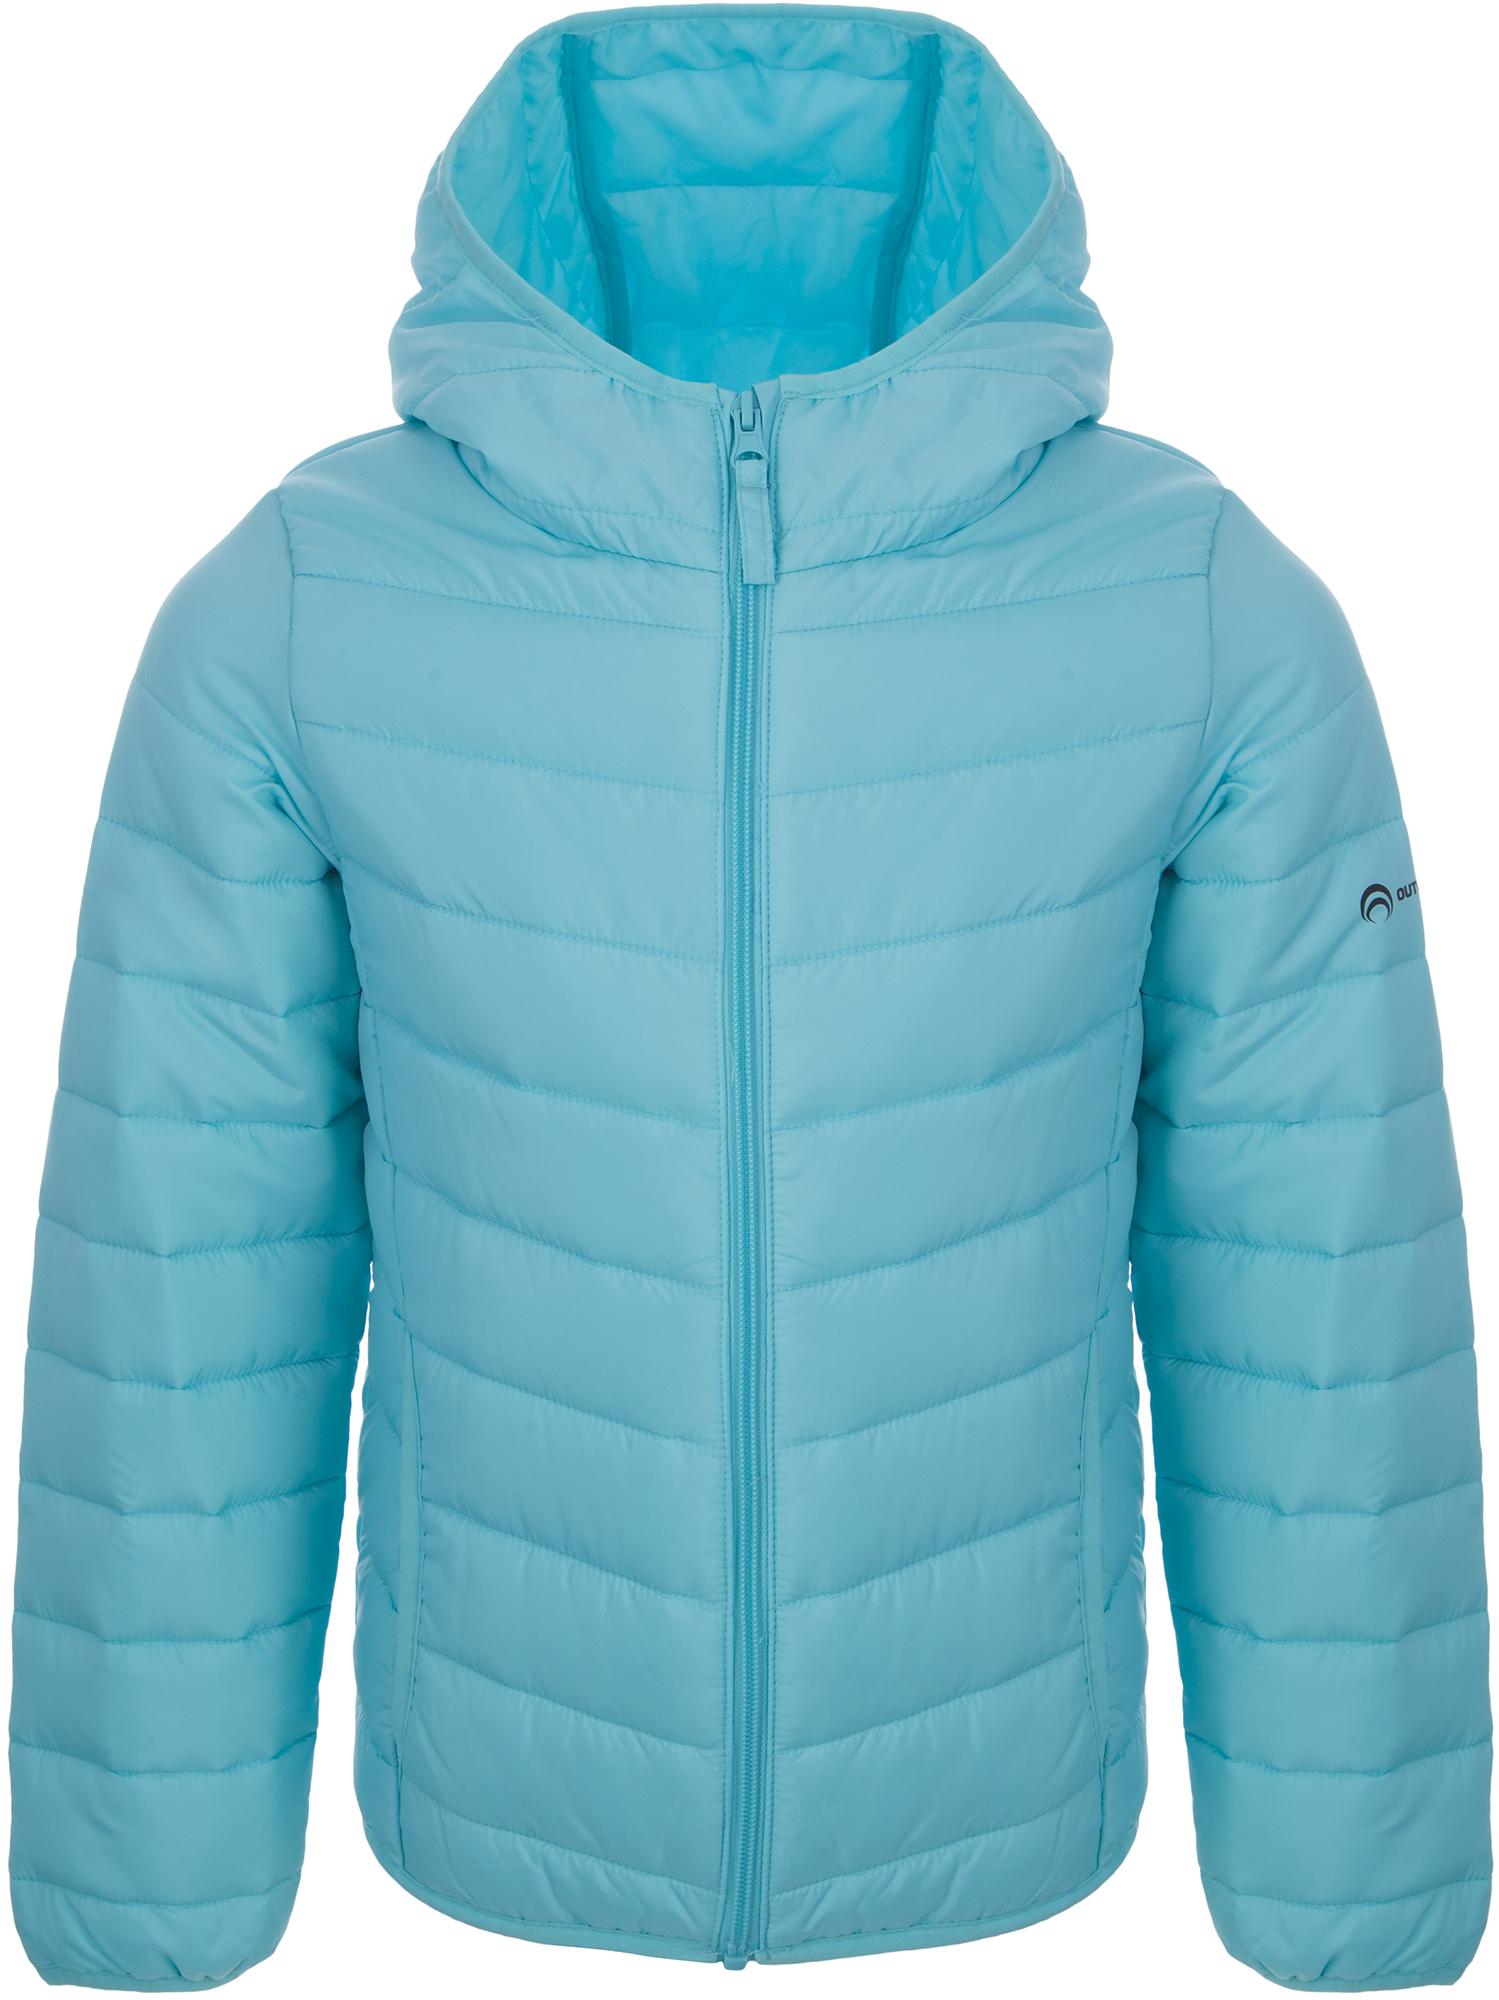 Фото - Outventure Куртка утепленная для девочек Outventure, размер 104 outventure куртка утепленная для девочек outventure размер 134